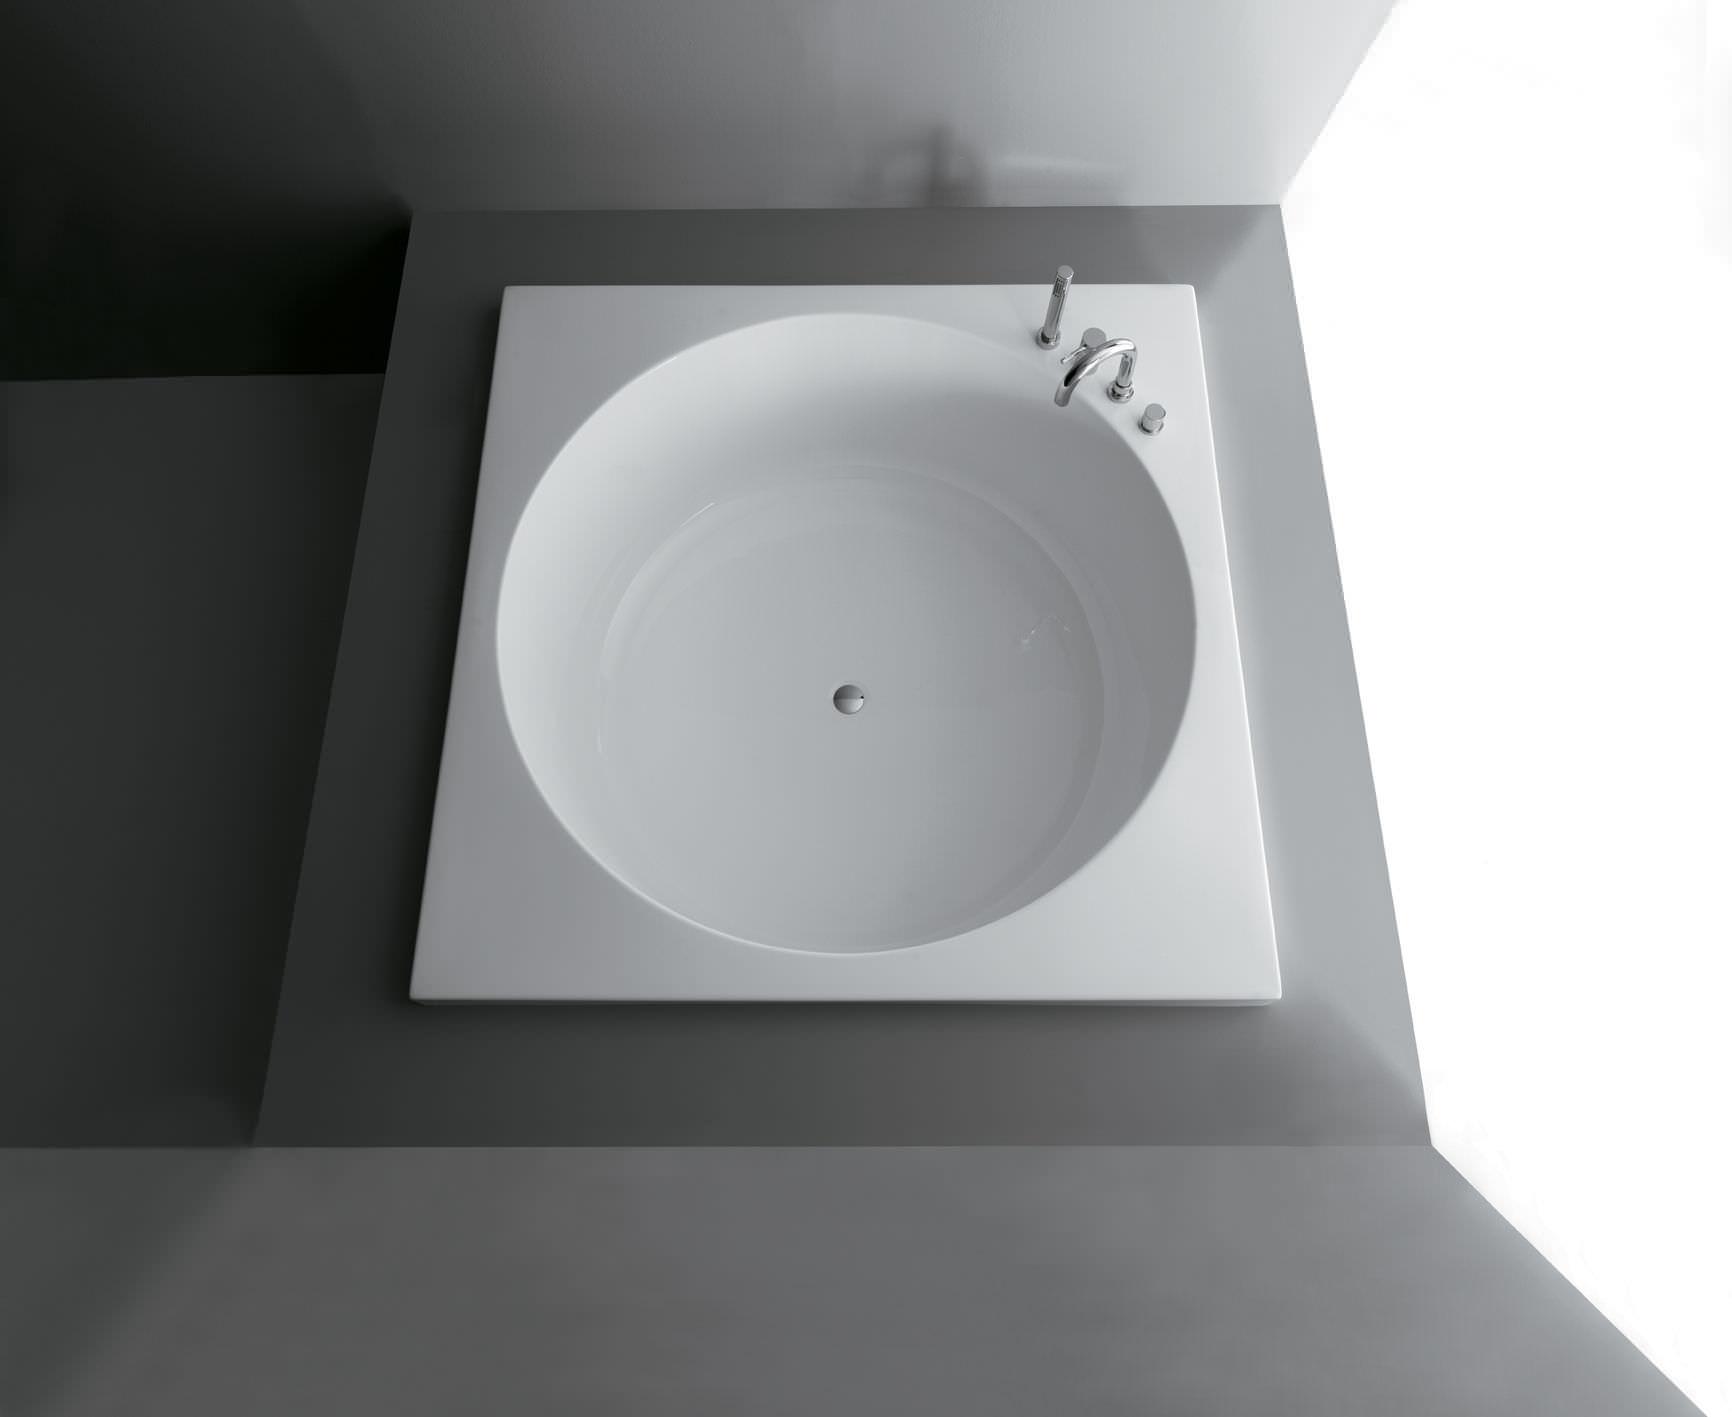 square bathtub / acrylic - sharmalessandro paolelli - colacril